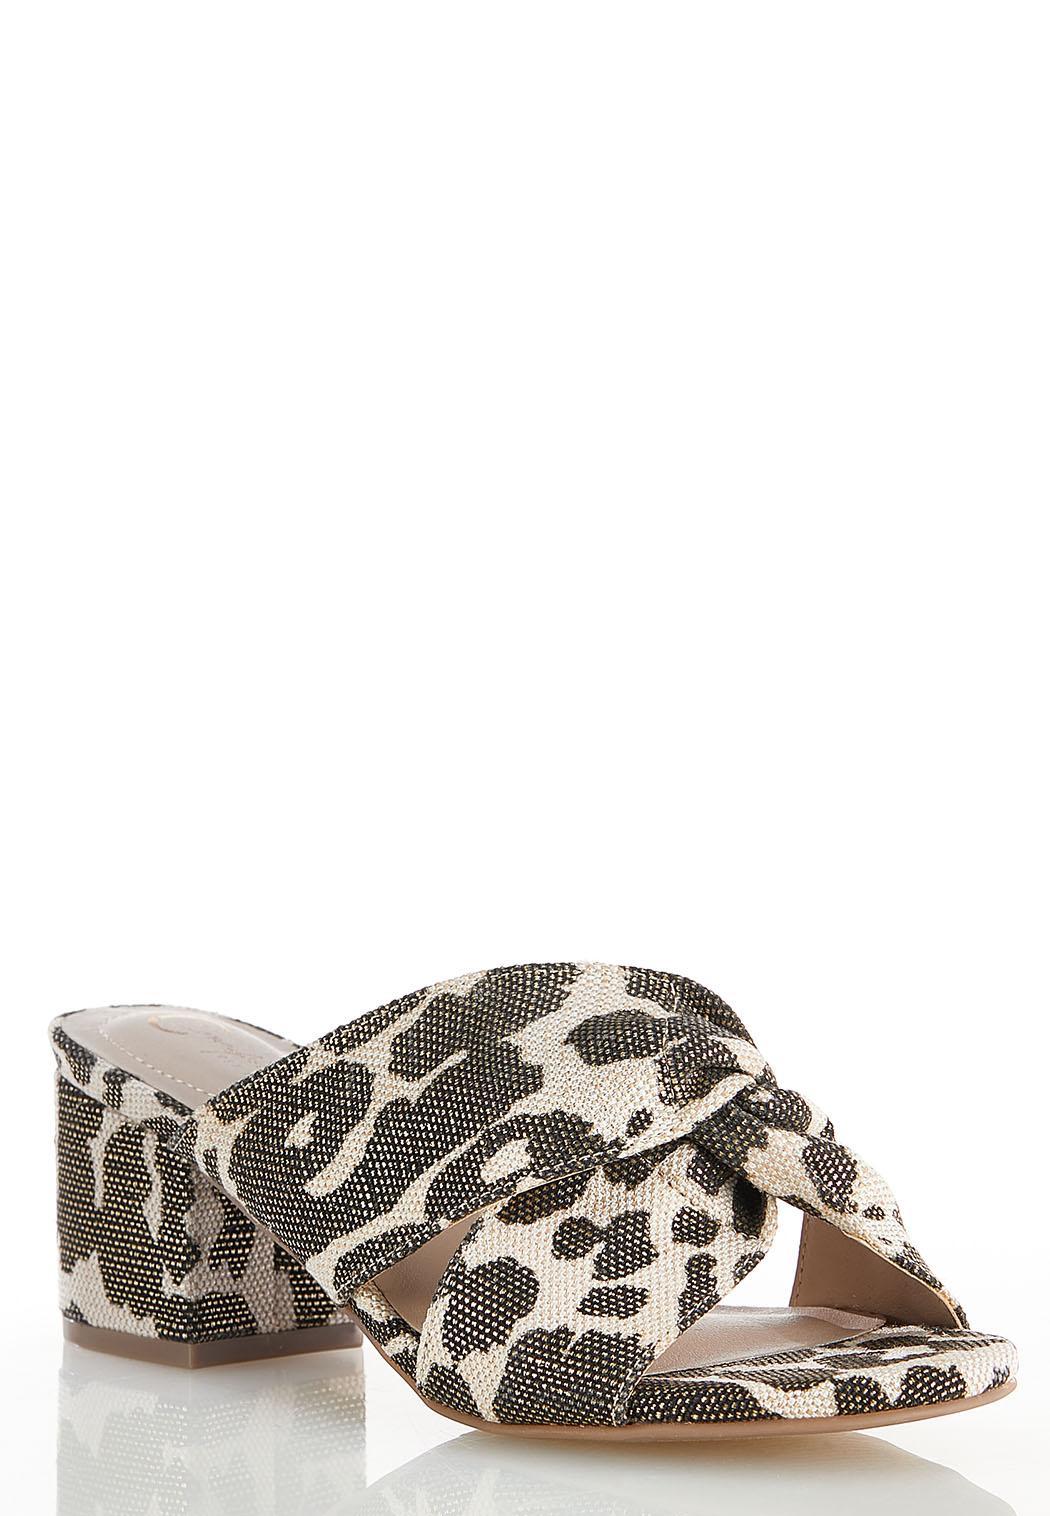 Wide Width Leopard Twist Heeled Sandals